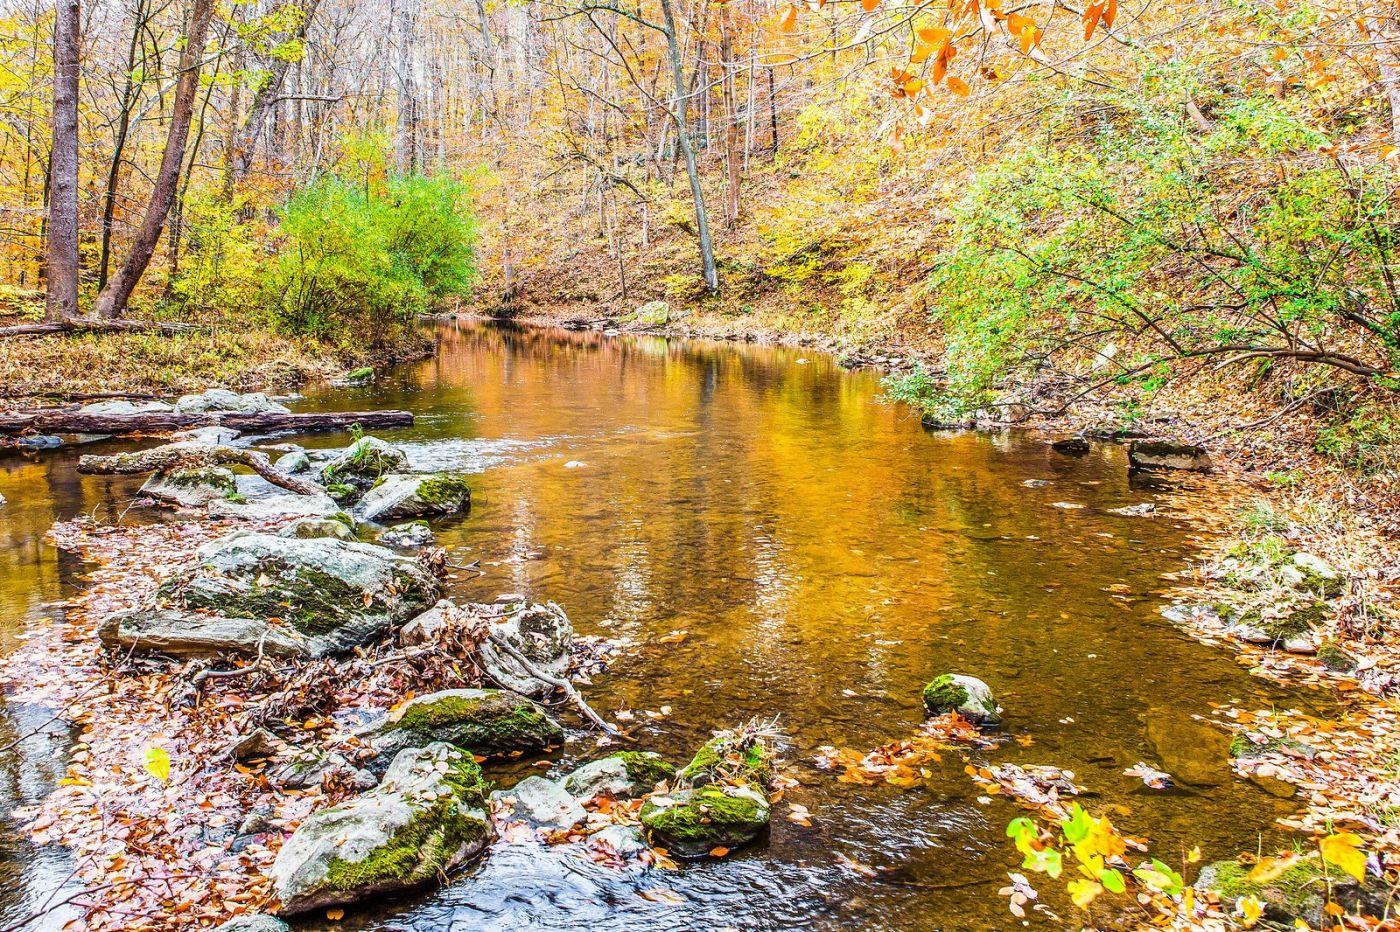 宾州雷德利克里克公园(Ridley creek park),迷人的秋色_图1-13